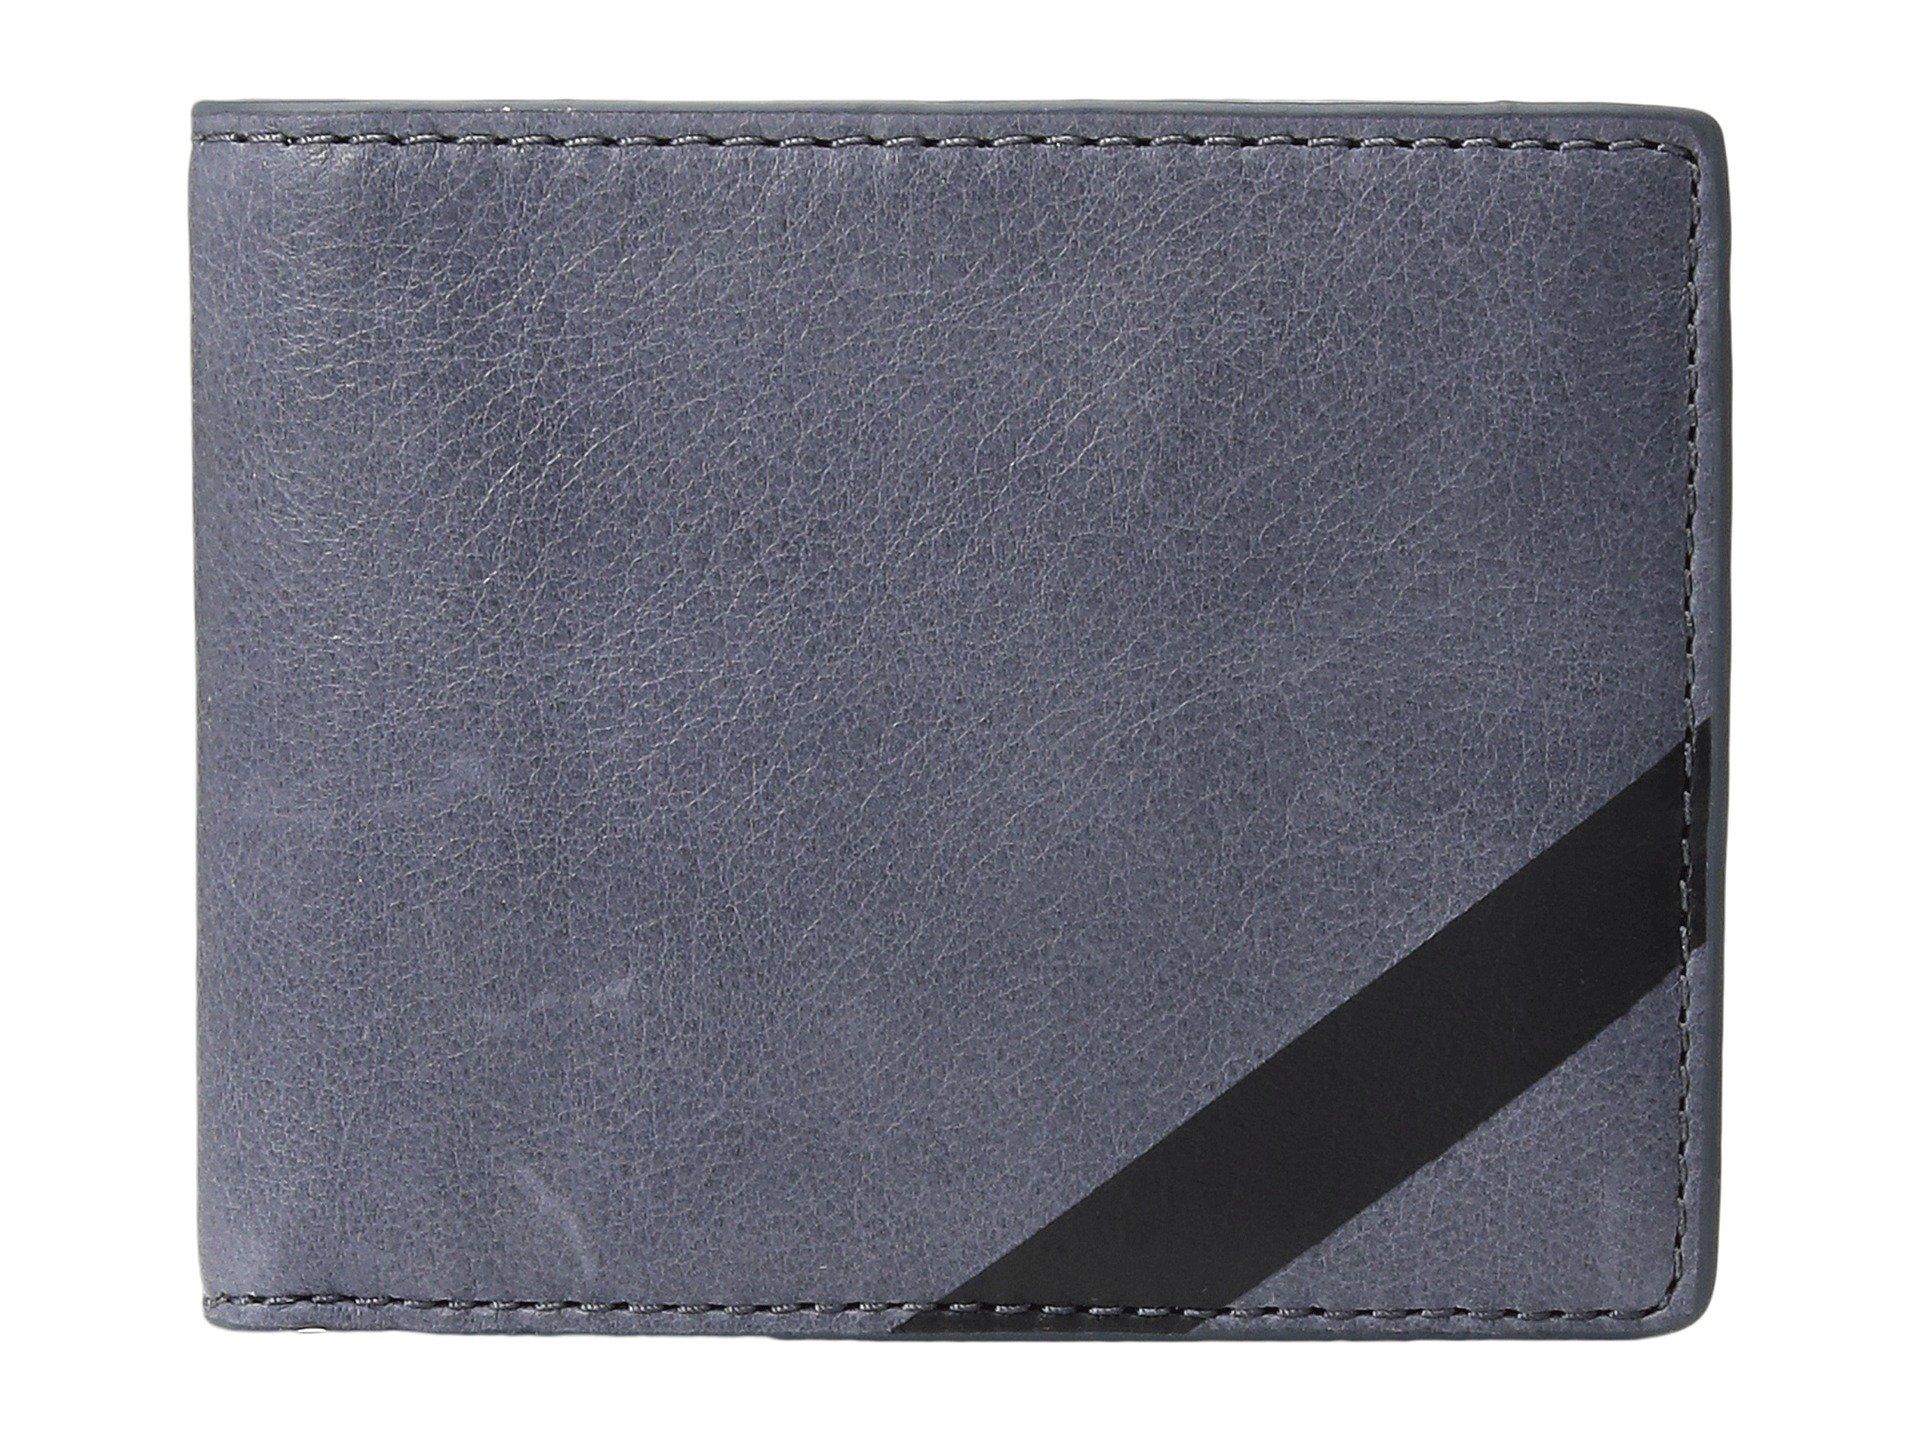 Billetera para Hombre Fossil Ace Bifold w/ Flip ID  + Fossil en VeoyCompro.net